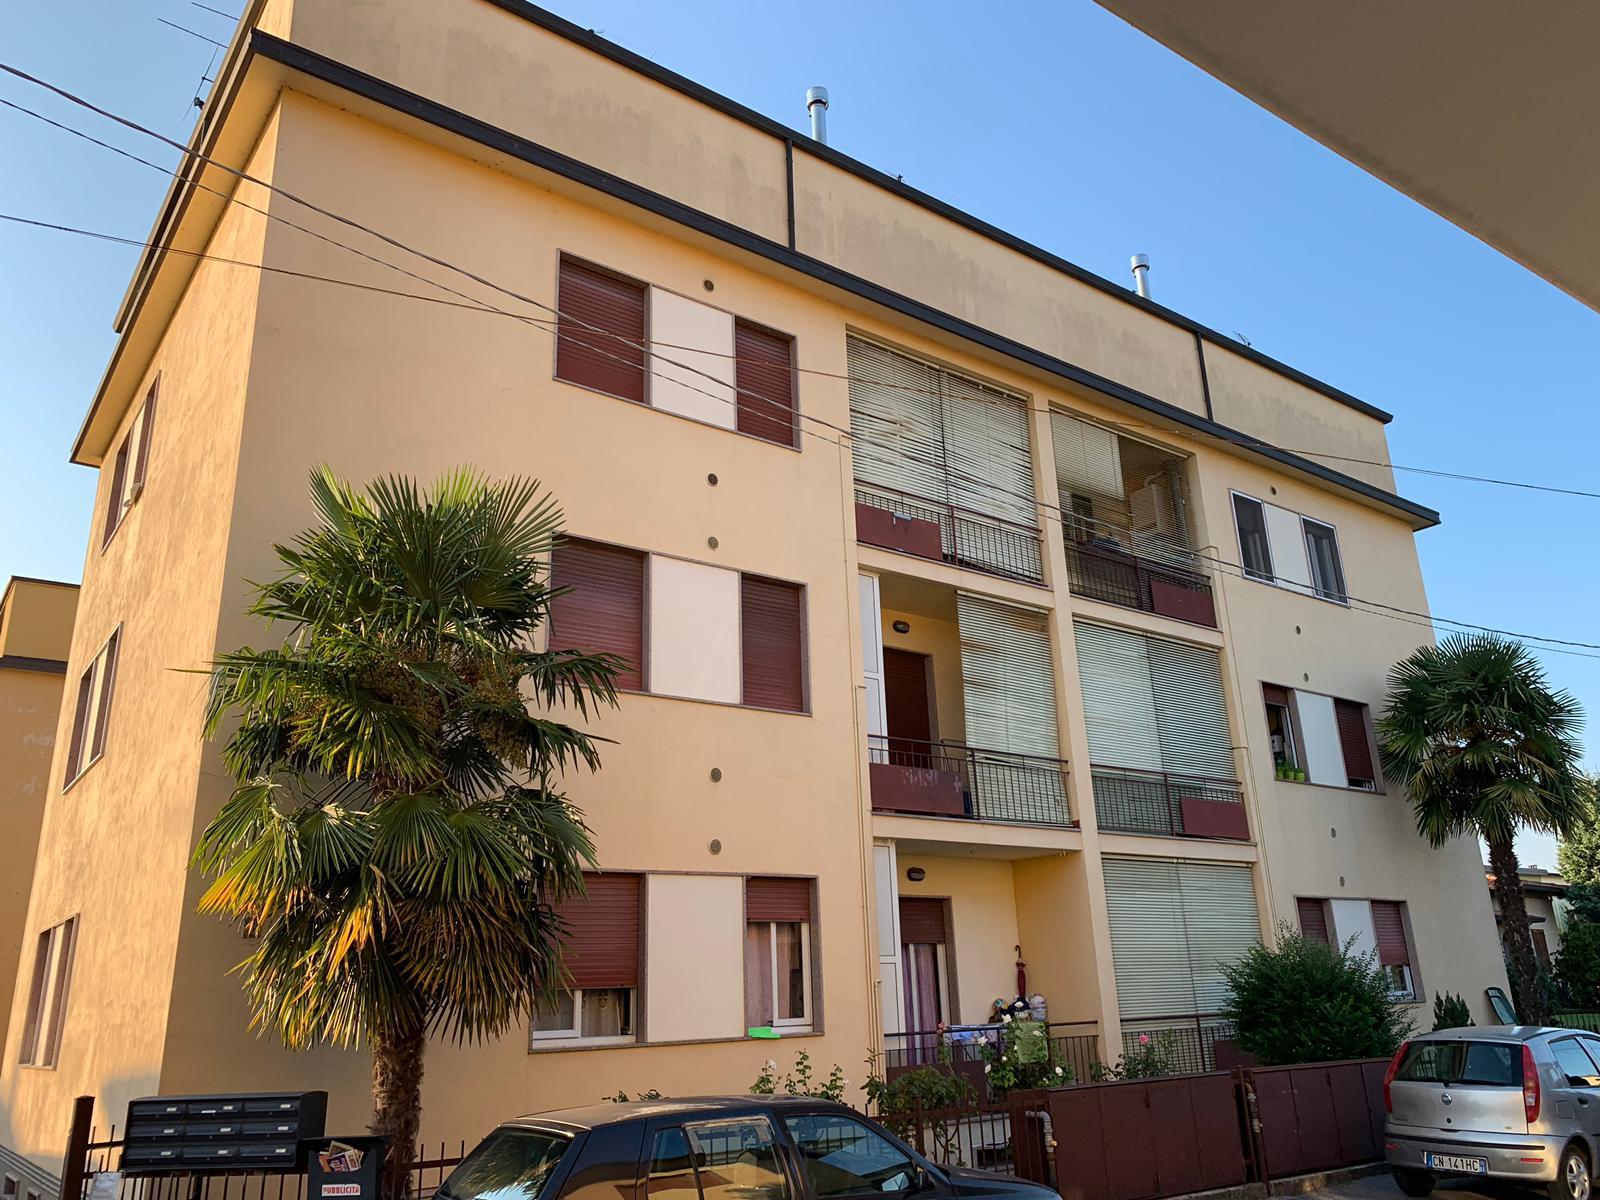 Appartamento in vendita a Palazzolo sull'Oglio, 3 locali, prezzo € 78.000 | CambioCasa.it